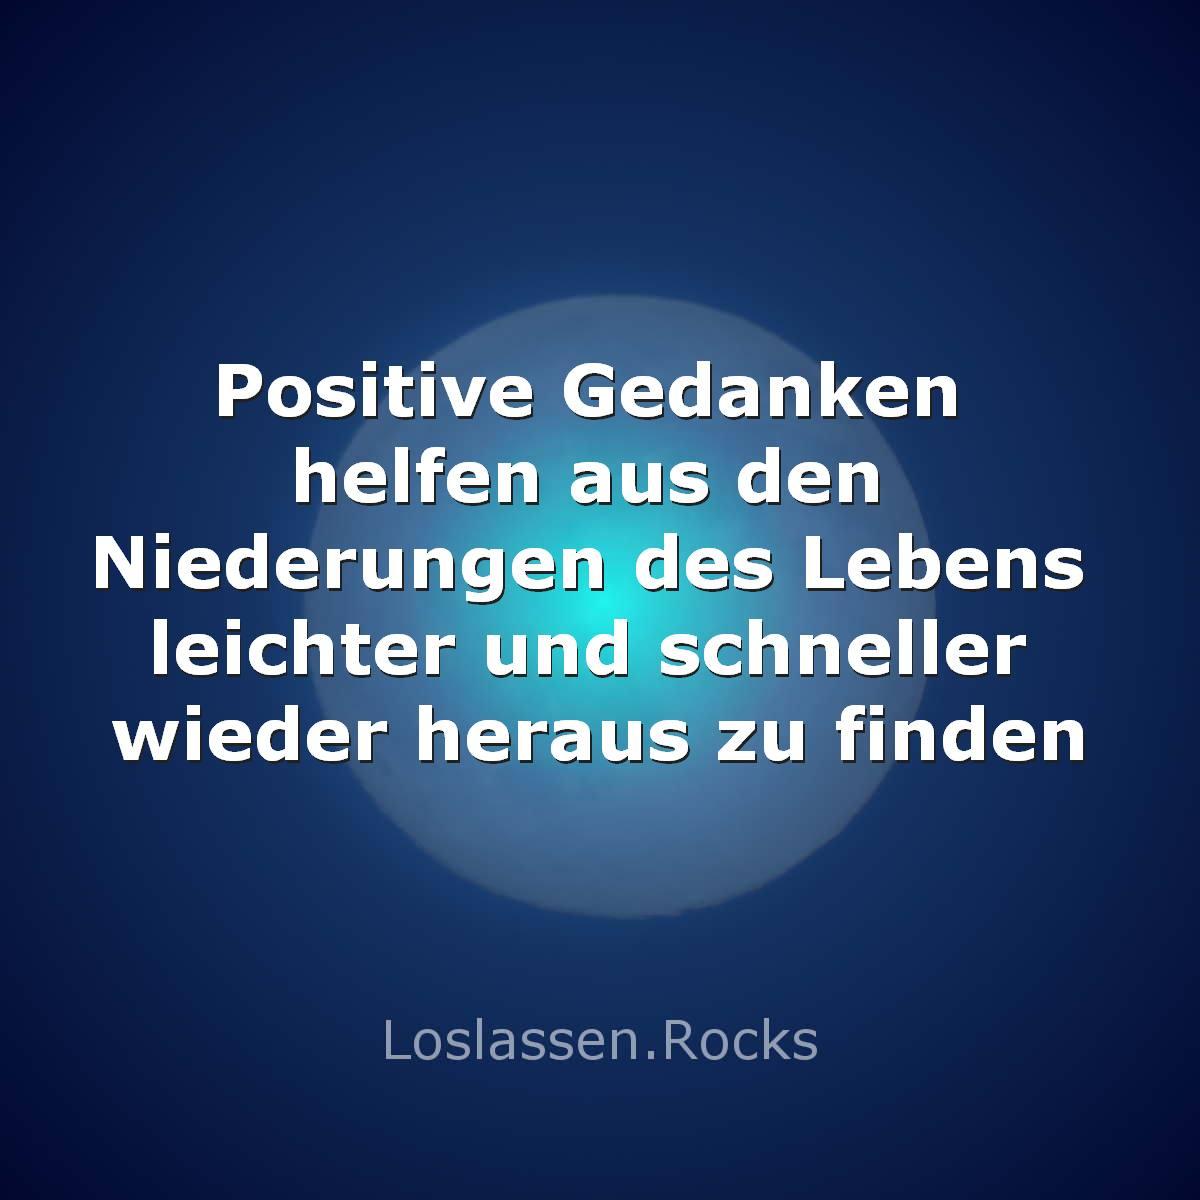 01-Positive-Gedanken-helfen-aus-den-Niederungen-des-Lebens-leichter-und-schneller-wieder-heraus-zu-finden